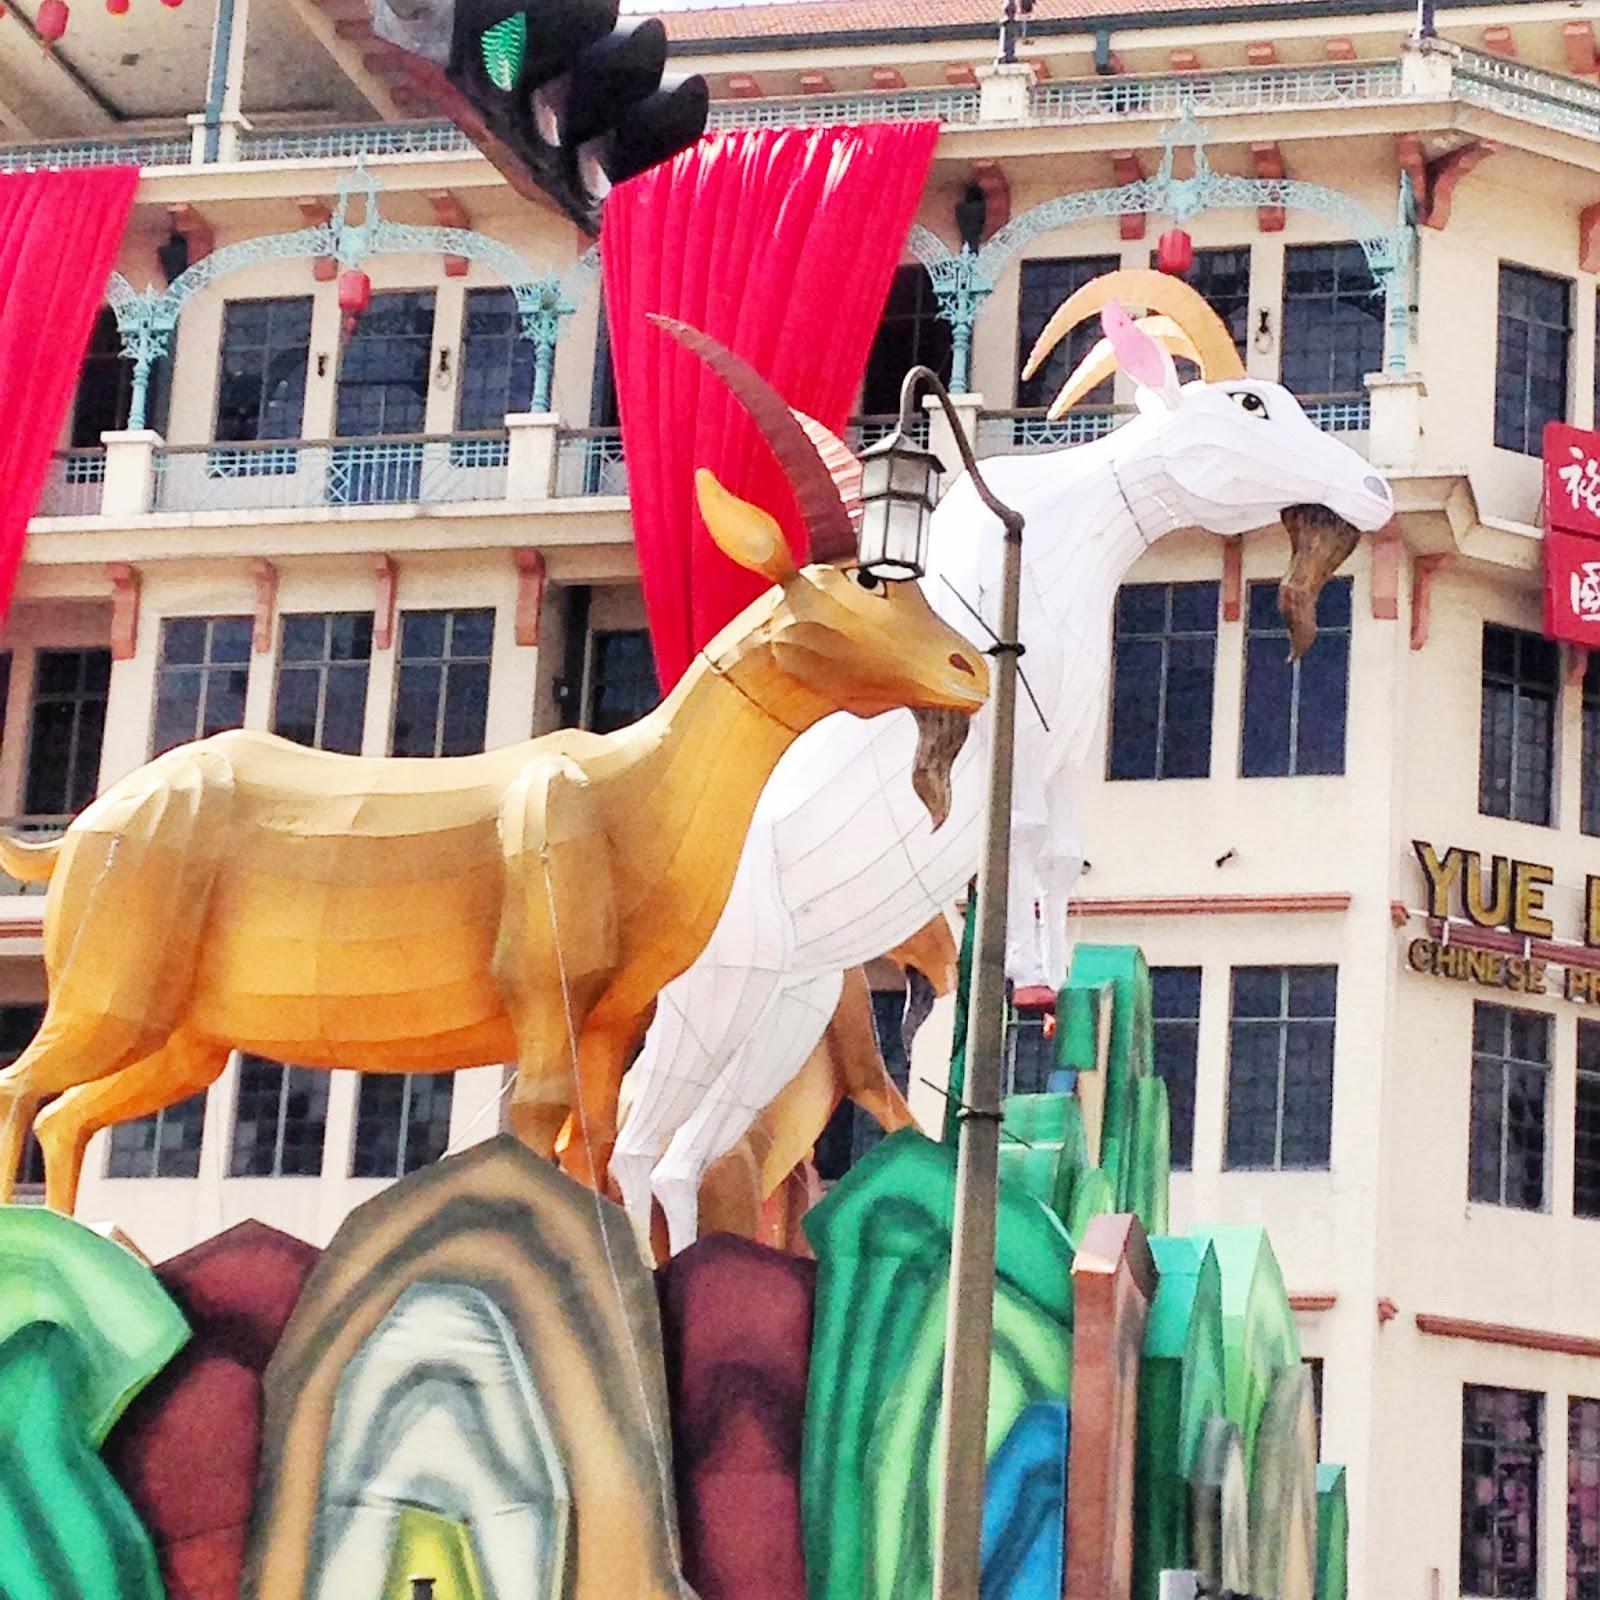 http://2.bp.blogspot.com/-YVuYT4nn0oA/VOH-7gfoSnI/AAAAAAAAC60/0DsgCWgf2H0/s1600/goats%2Bin%2Bchinatown.jpg